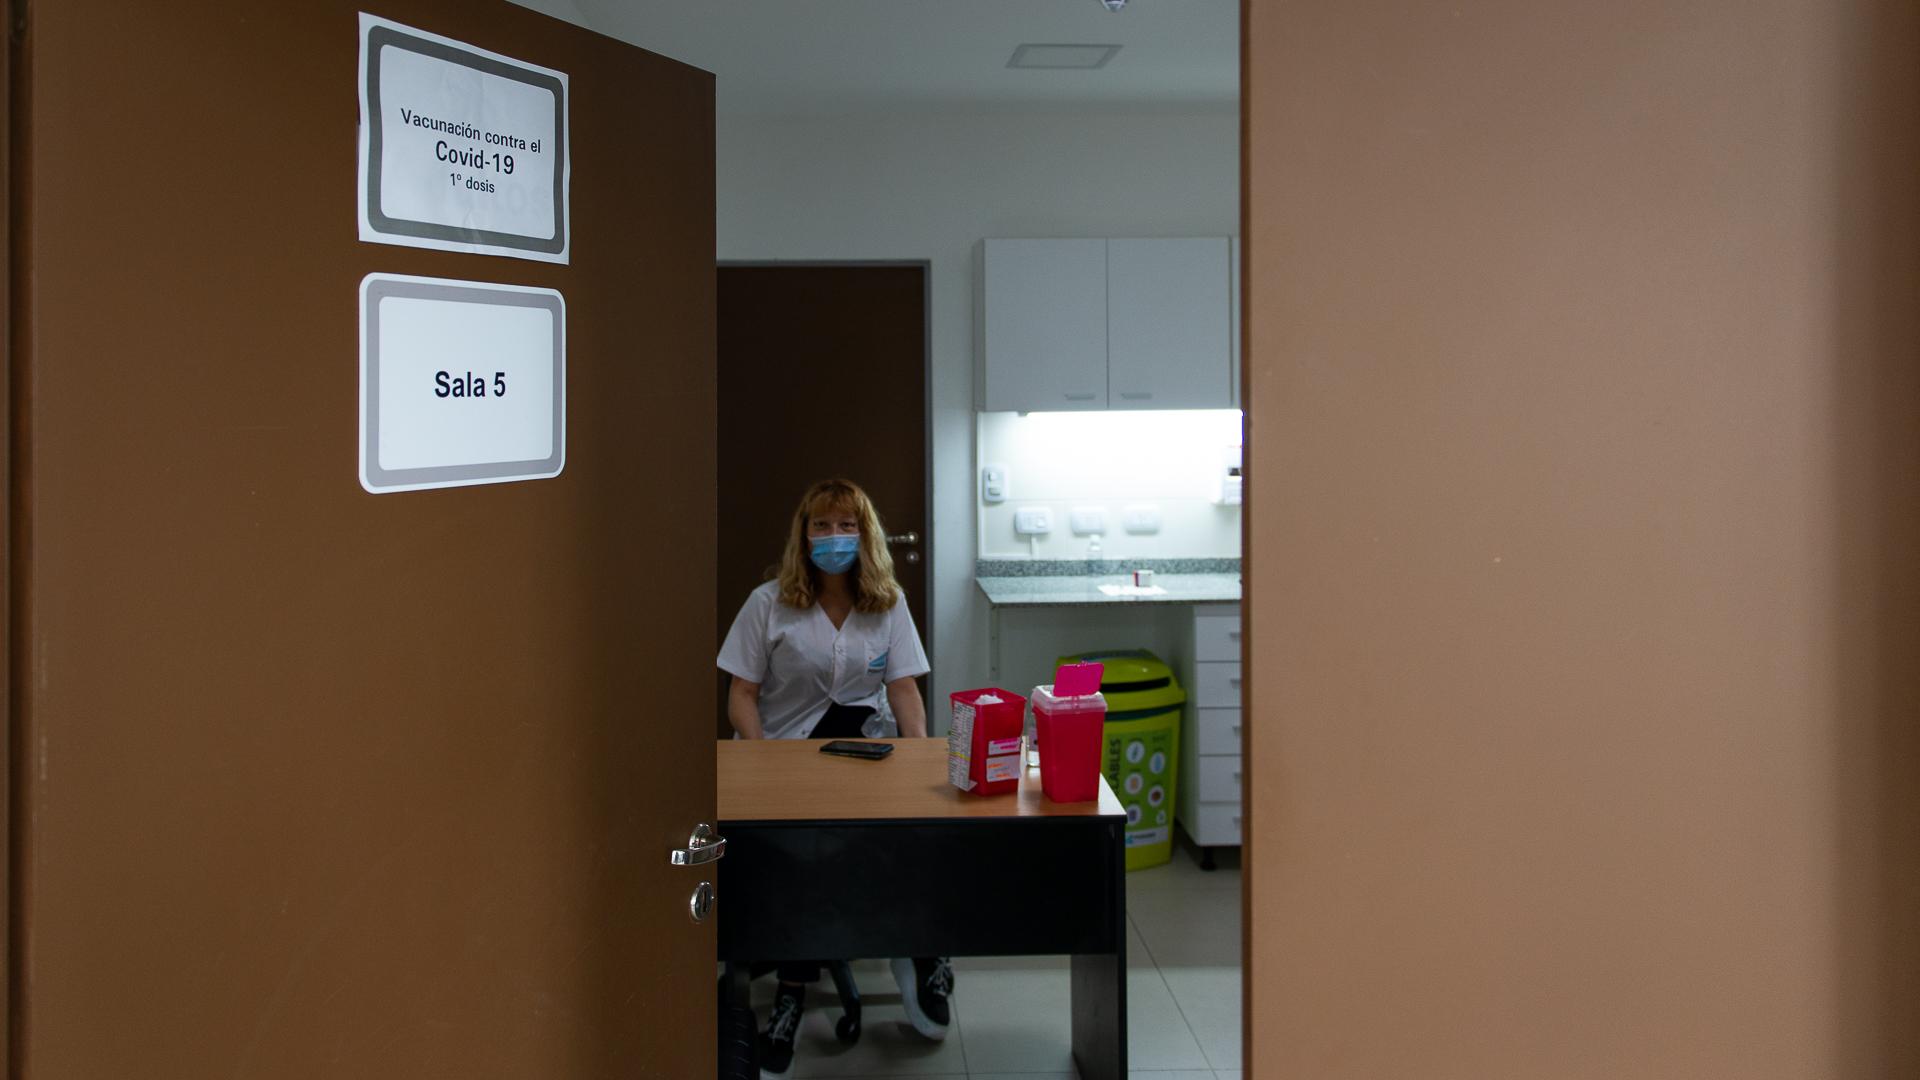 Los trabajadores de la salud que estuvieron a cargo del proceso nunca supieron a quiénes iban a vacunar. La decisión fue política por parte del Ministerio de Salud